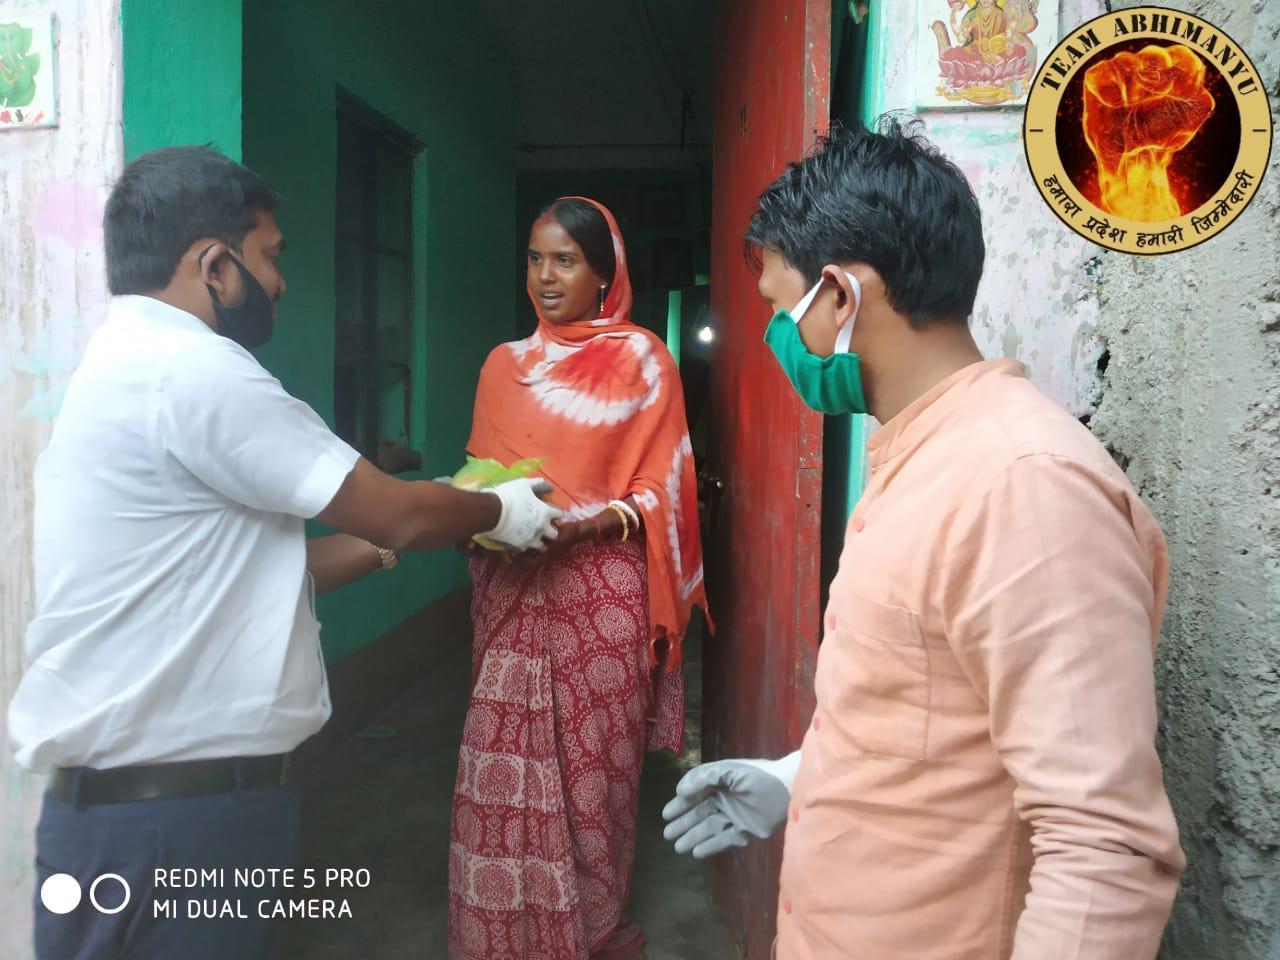 लाँकडाउन से परेशान लोगों की मदद को बेगूसराय भी पहुंची टीम अभिमन्यु की टोली